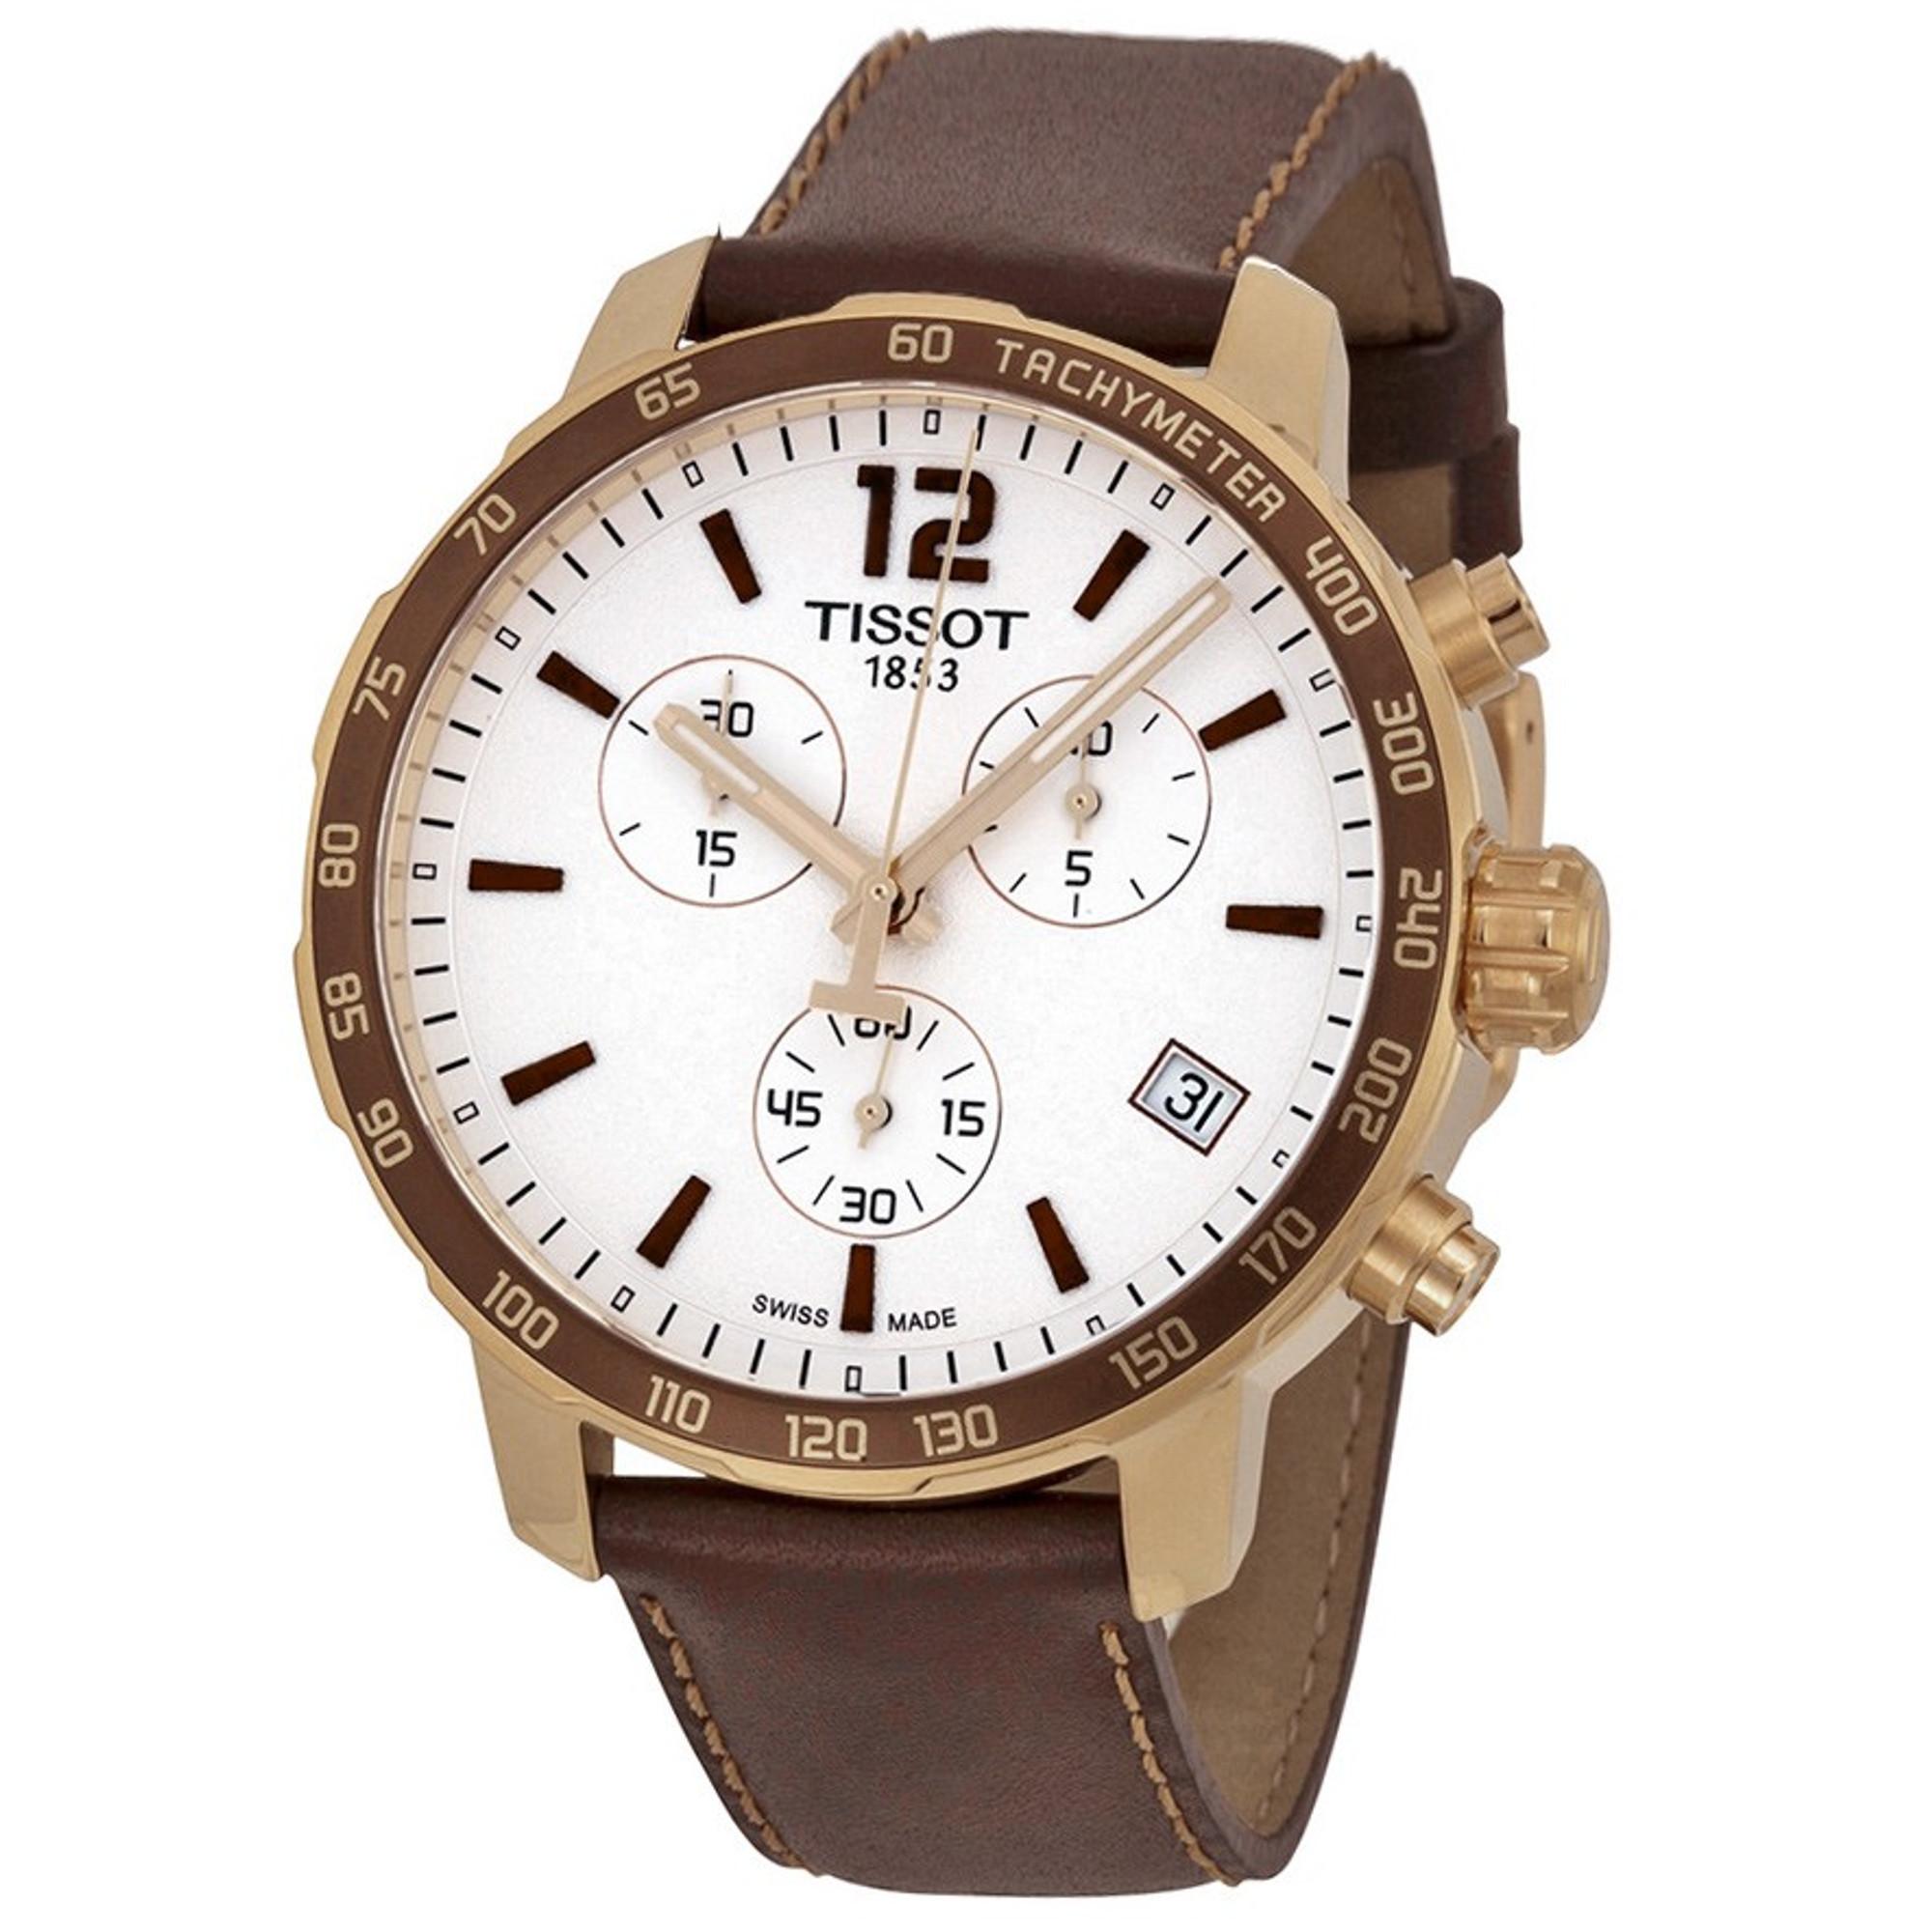 TISSOT Quikster Quarz Chronograph T095.417.36.037.02